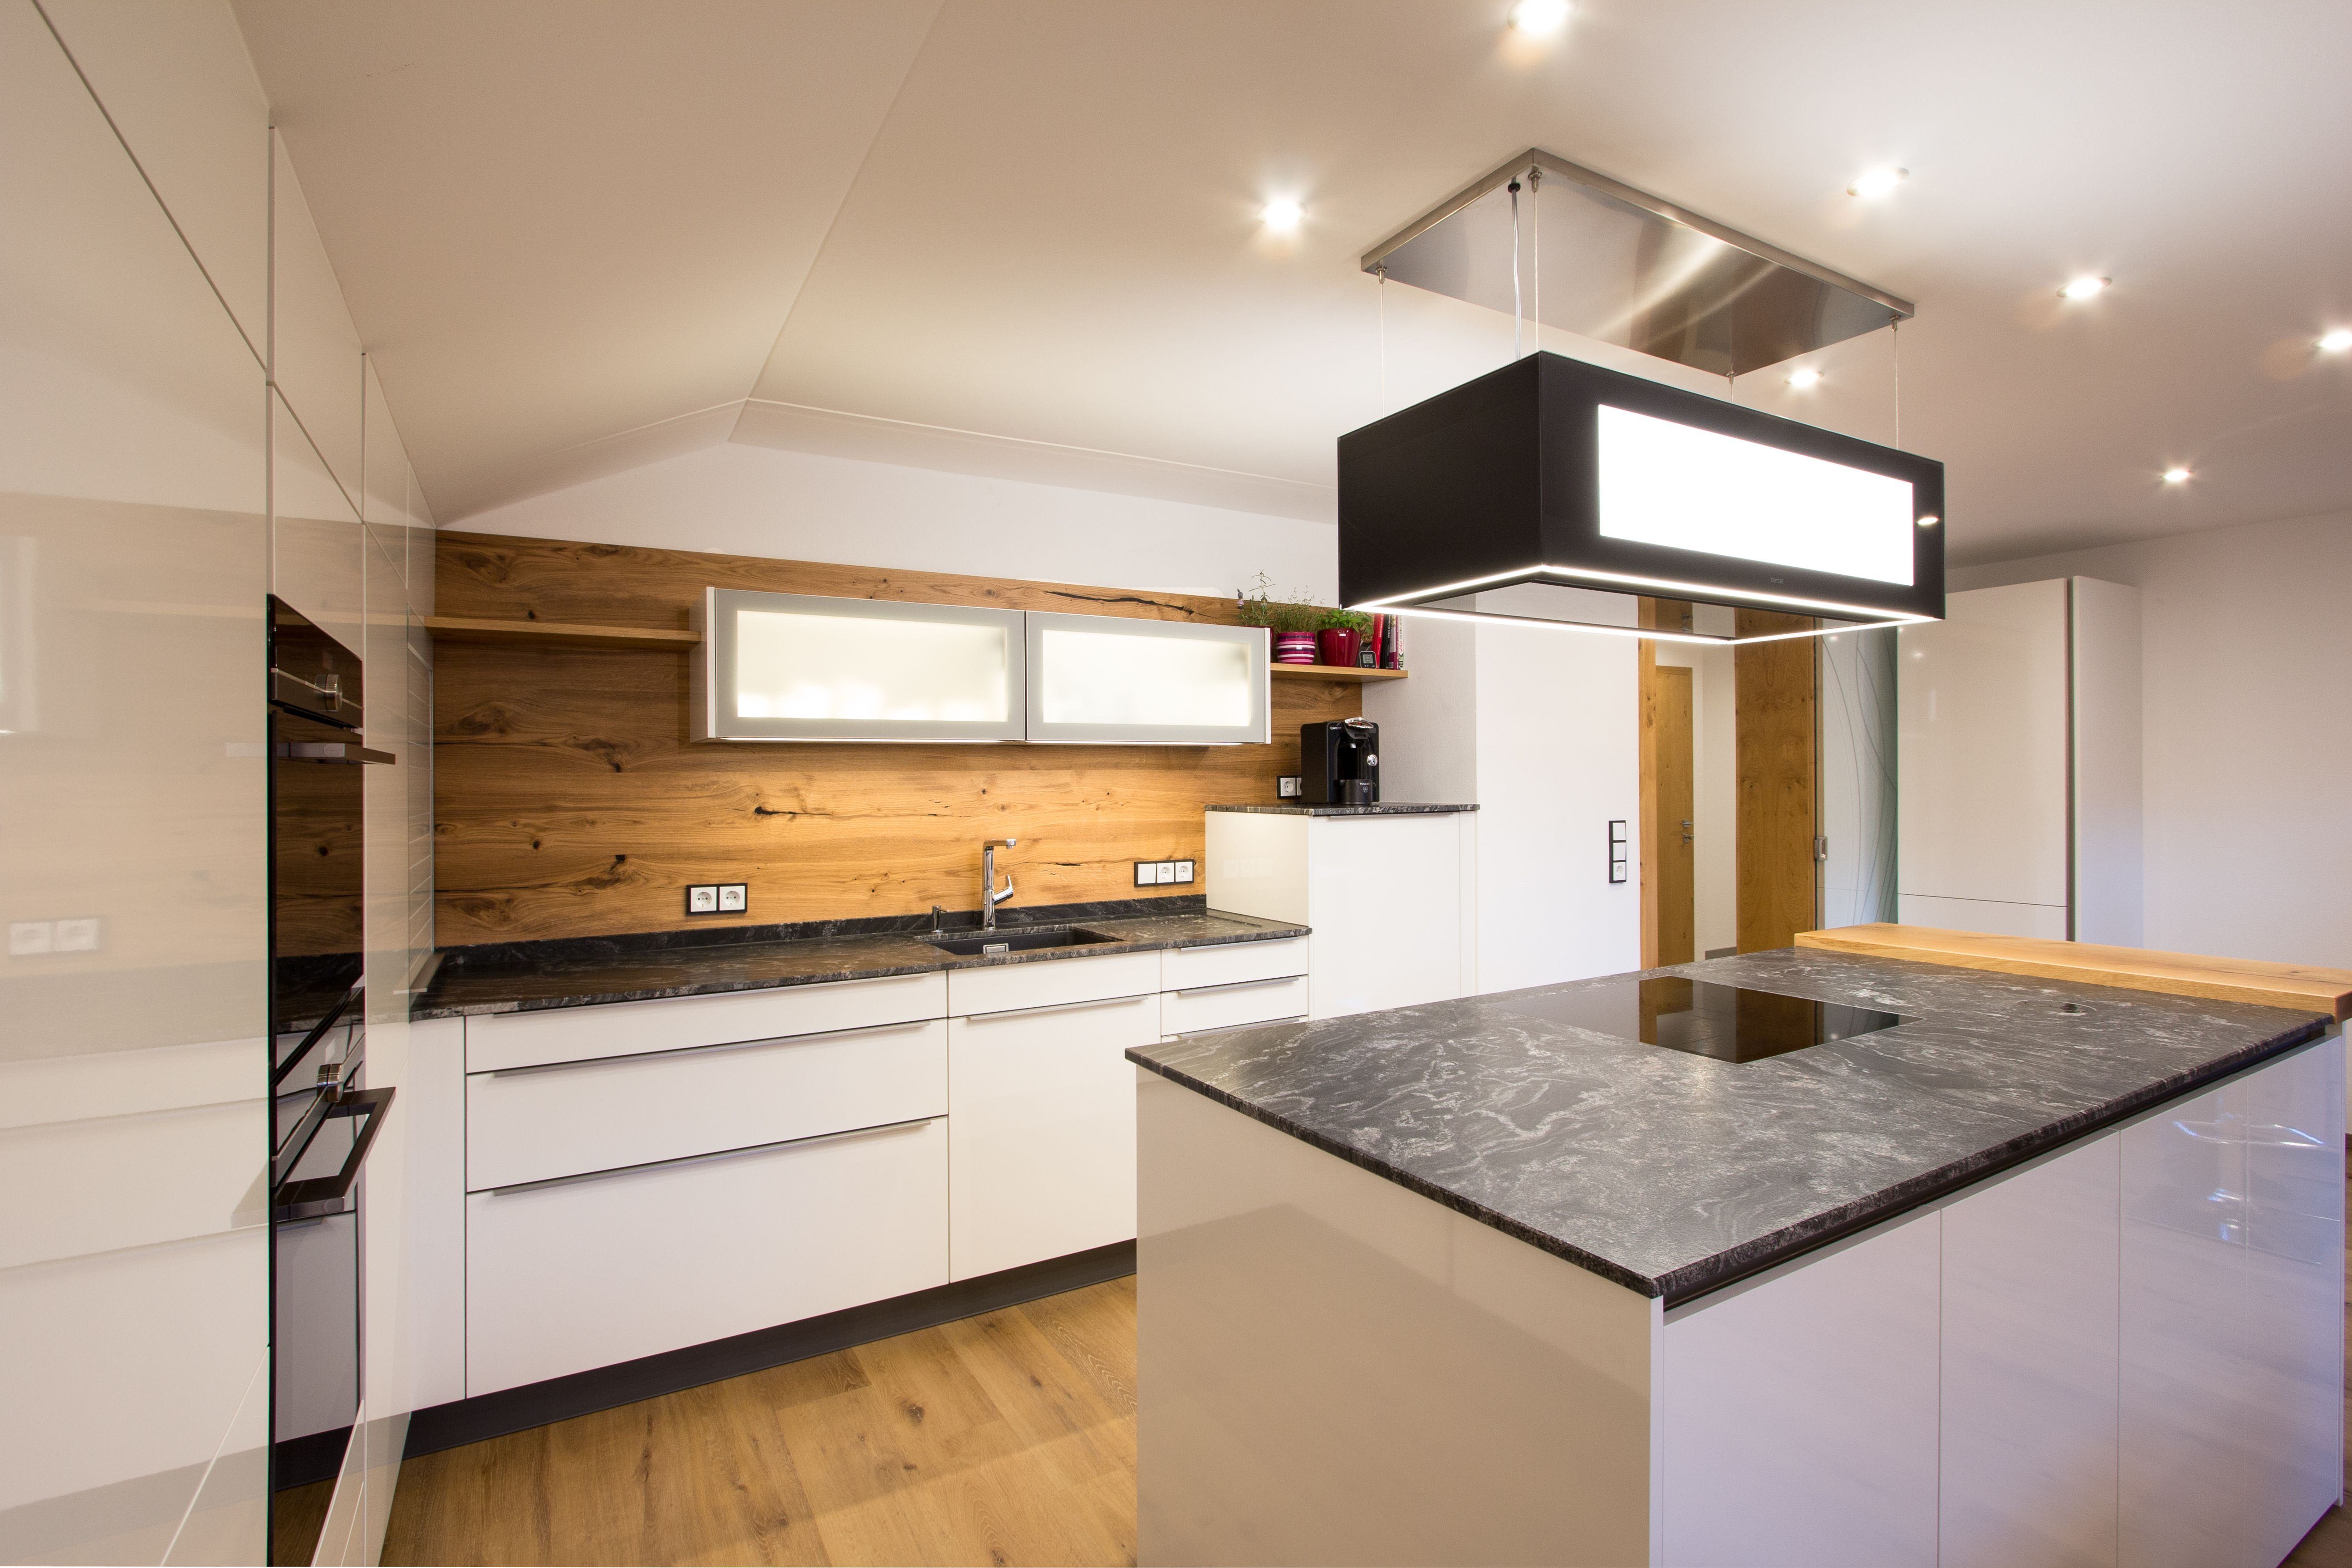 Moderne Kuche Mit Holz Moderne Kuche Kuche Gemutliche Einrichtung